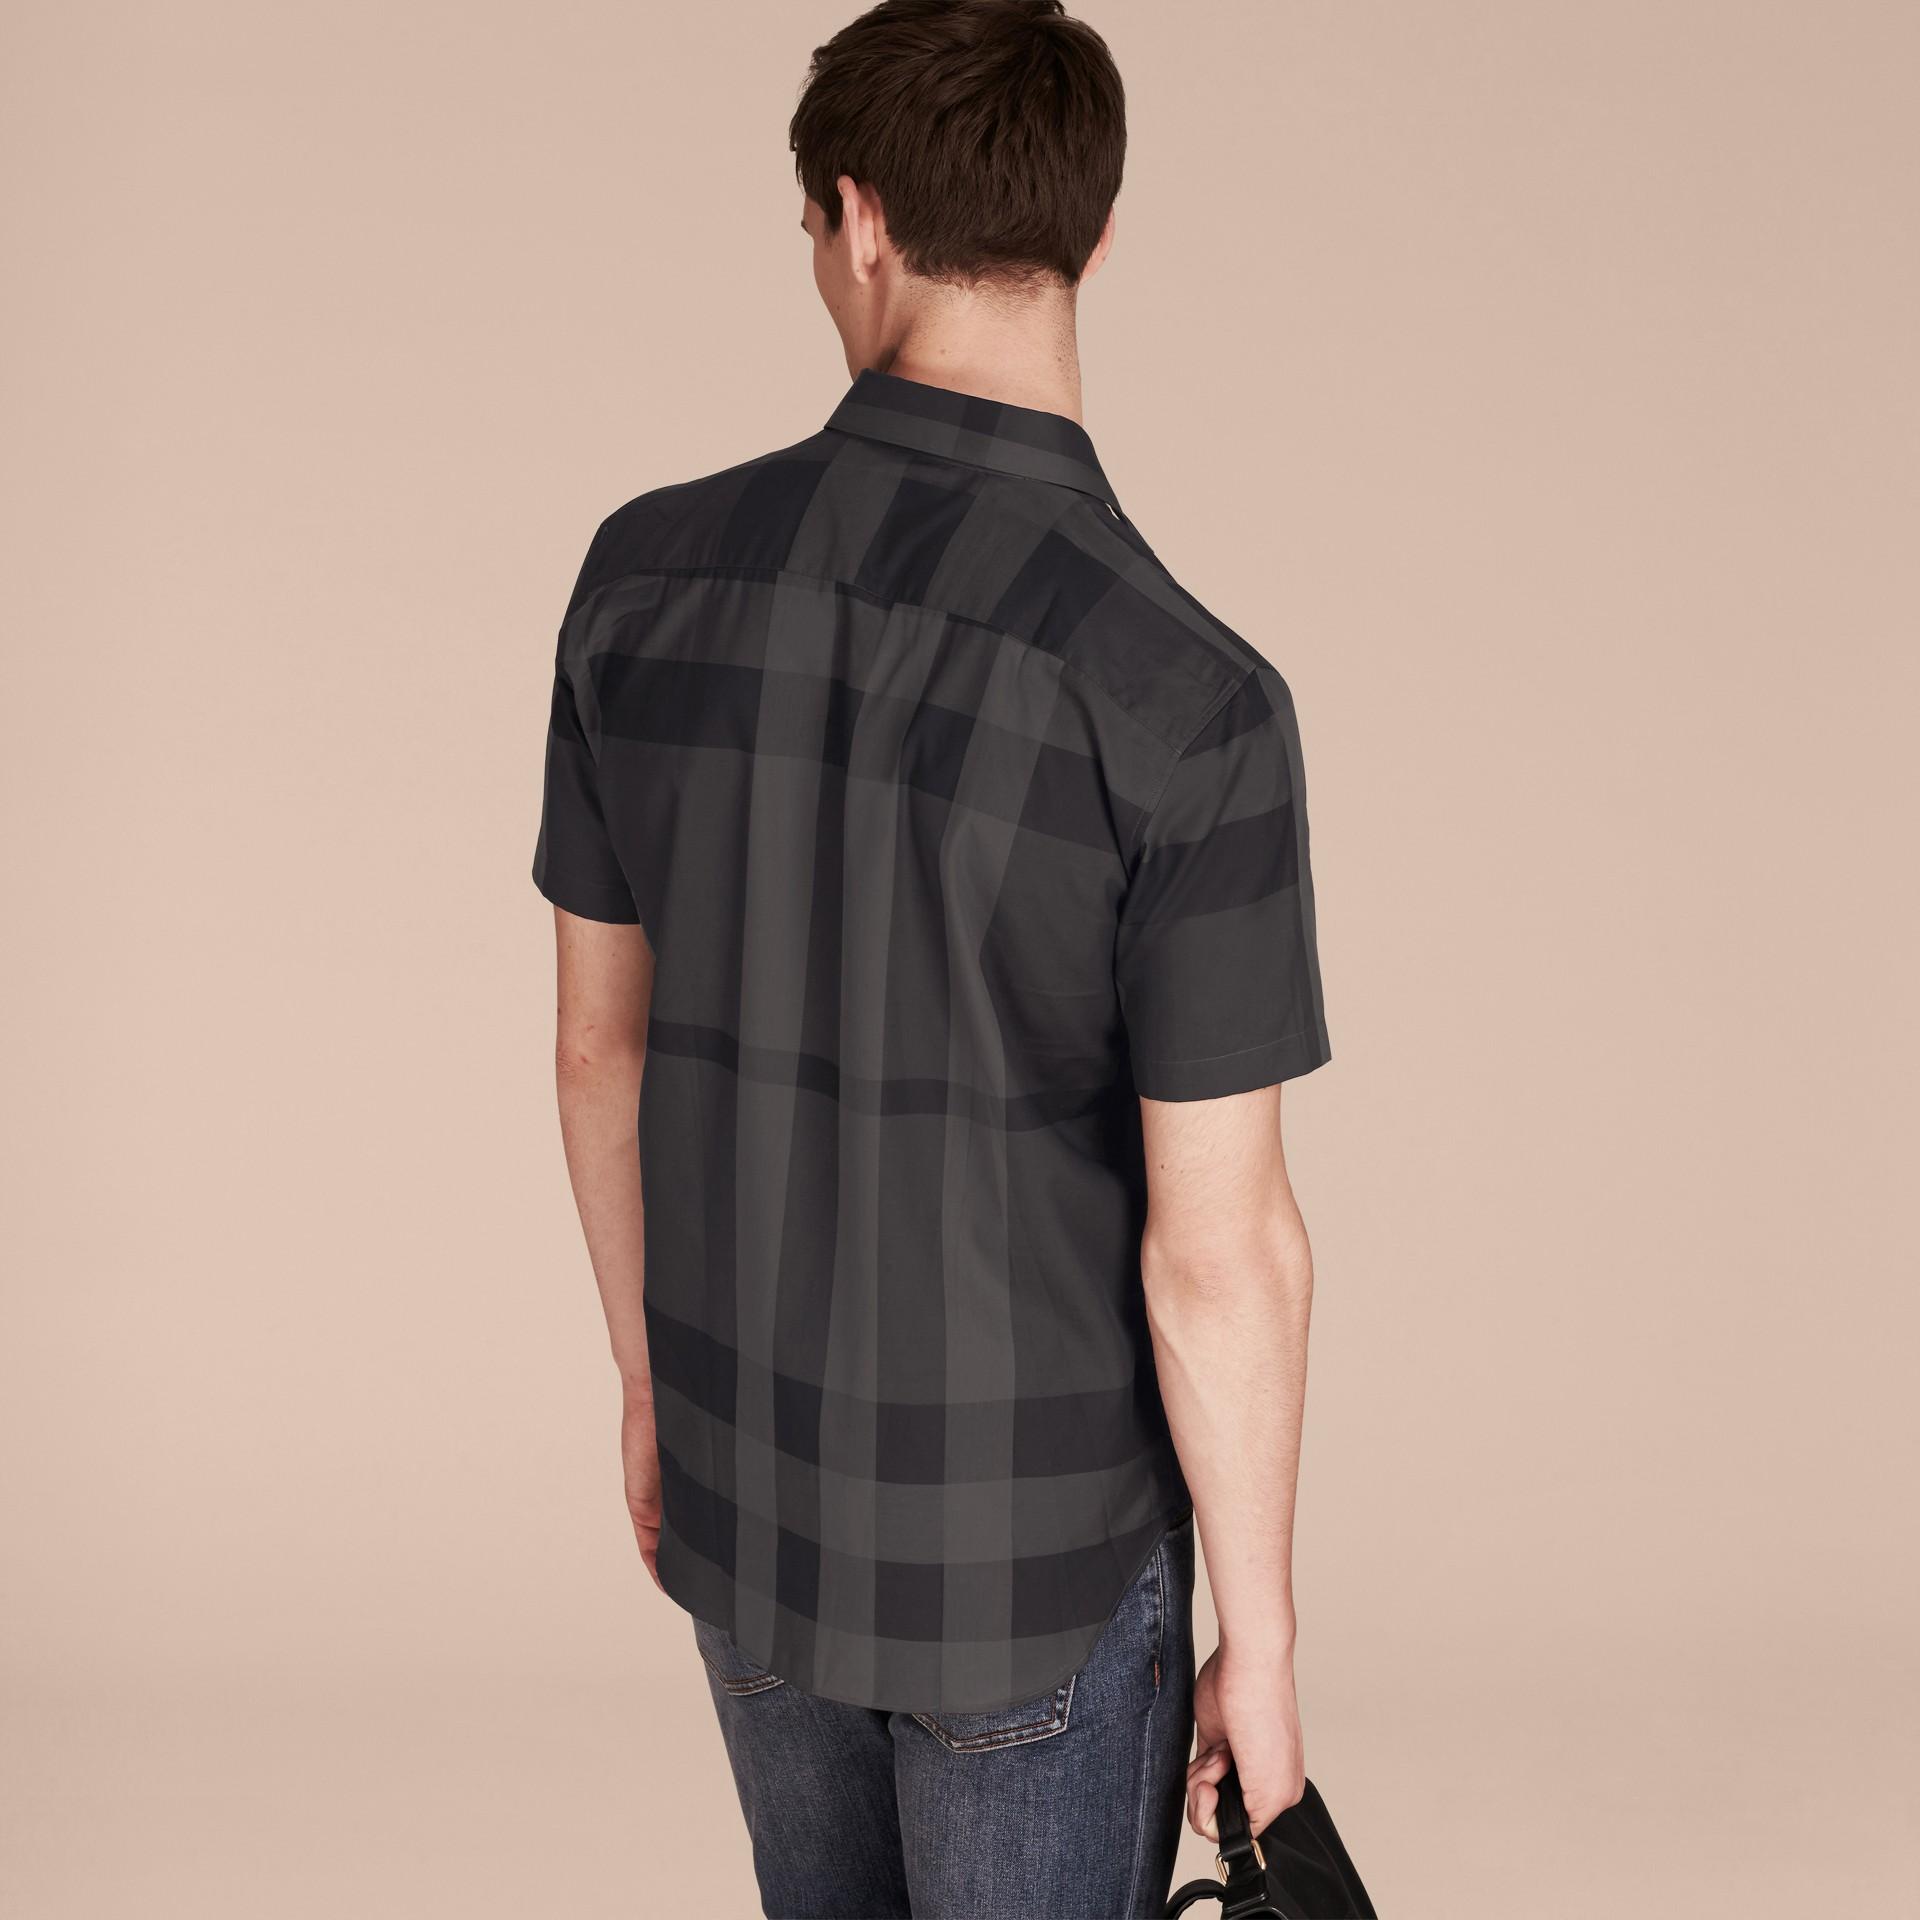 Anthrazitfarben Kurzärmeliges Baumwollhemd mit Check-Muster Anthrazitfarben - Galerie-Bild 3